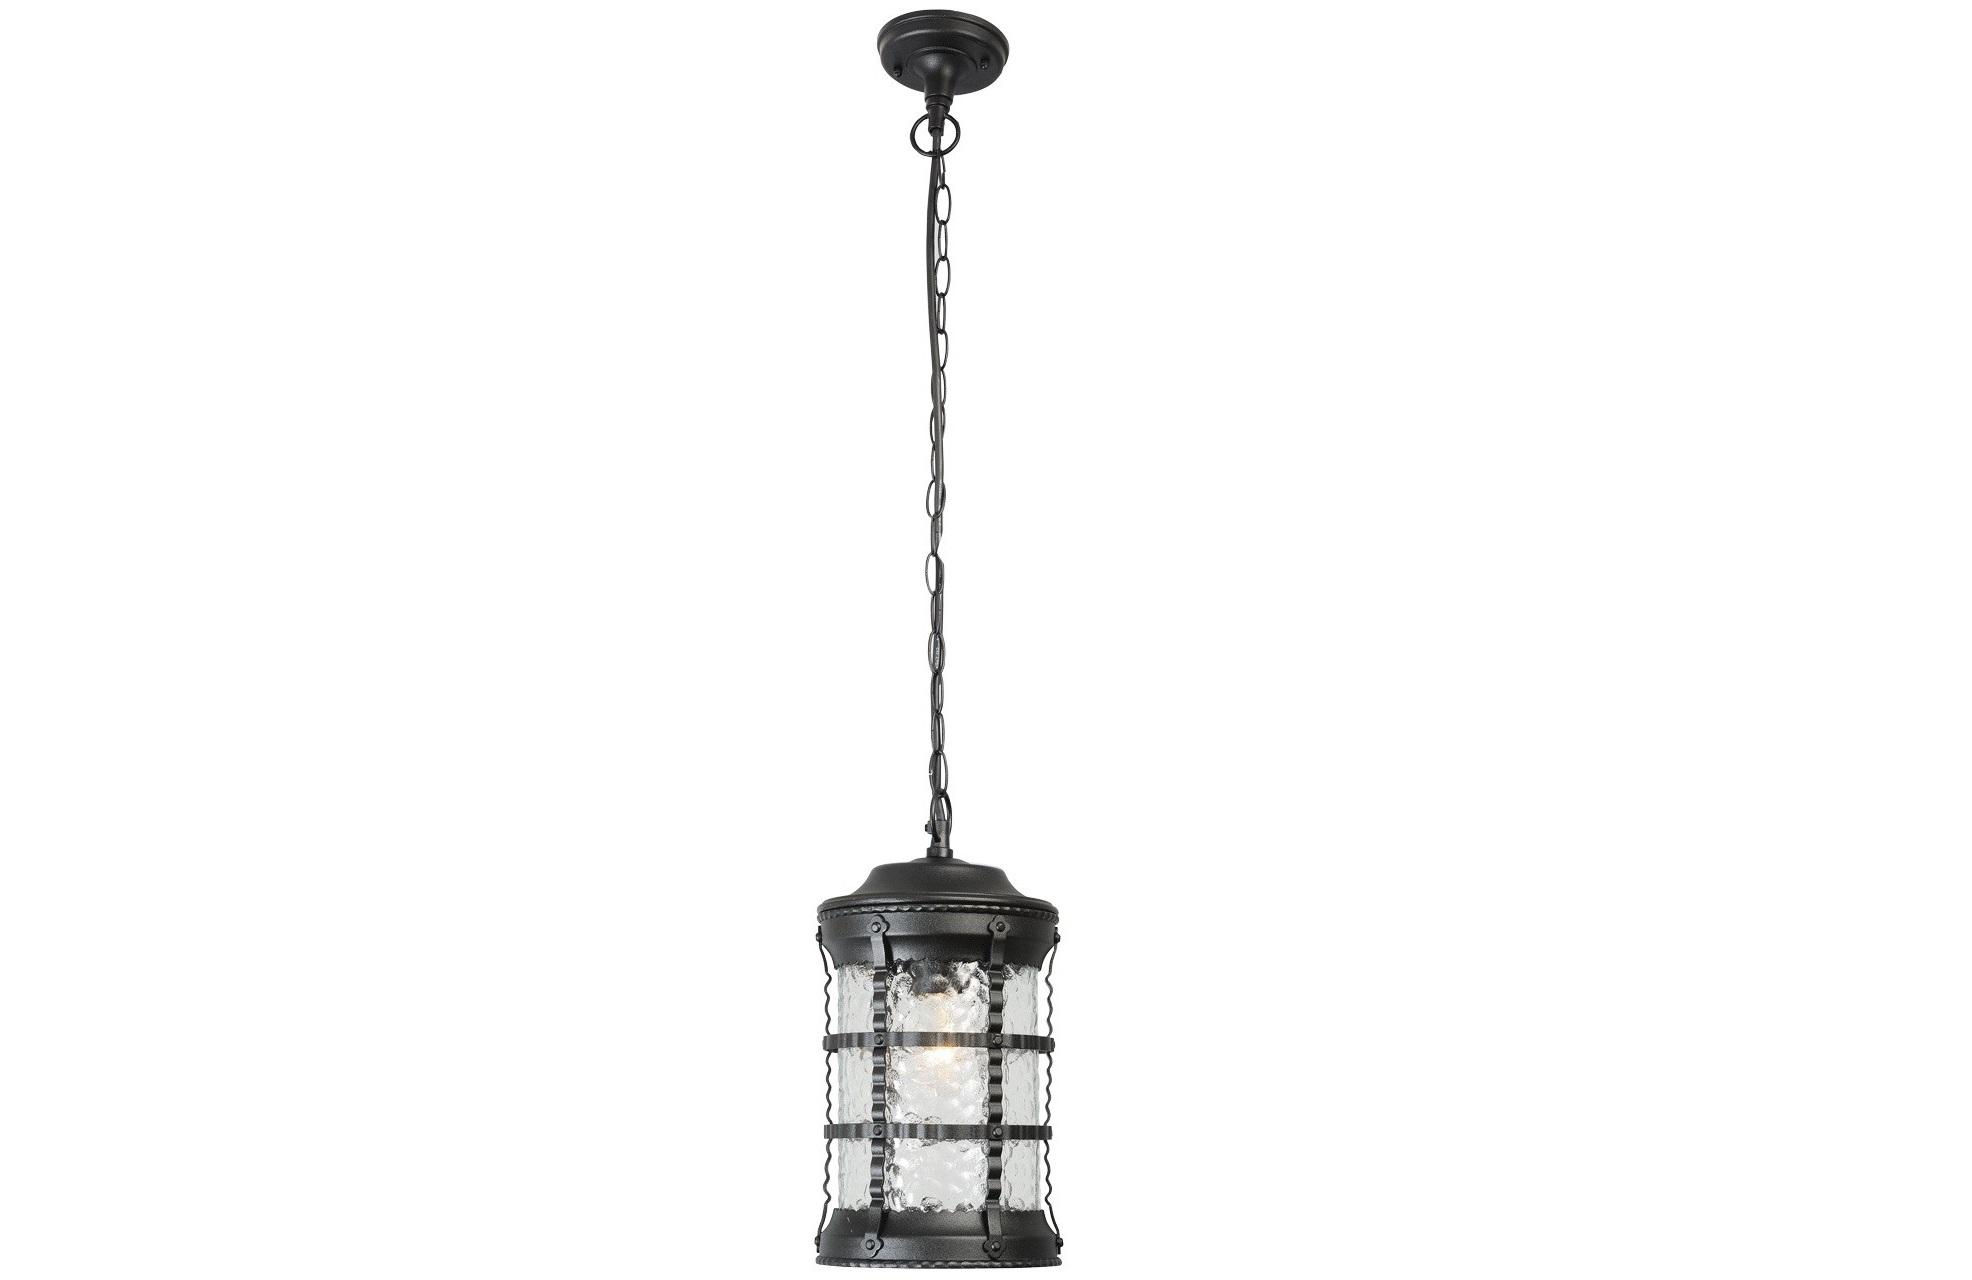 Уличный светильник ДонатоУличные подвесные и потолочные светильники<br>&amp;lt;div&amp;gt;Основание из алюминия черного цвета , плафоны из &amp;amp;nbsp;стекла.&amp;lt;/div&amp;gt;&amp;lt;div&amp;gt;&amp;lt;br&amp;gt;&amp;lt;/div&amp;gt;&amp;lt;div&amp;gt;Мощность 1*95W&amp;lt;/div&amp;gt;&amp;lt;div&amp;gt;Цоколь E27&amp;lt;/div&amp;gt;&amp;lt;div&amp;gt;Рабочее напряжение &amp;amp;nbsp;220 V&amp;lt;/div&amp;gt;&amp;lt;div&amp;gt;&amp;lt;div&amp;gt;&amp;lt;span style=&amp;quot;line-height: 1.78571;&amp;quot;&amp;gt;Степень защиты светильников от пыли и влаги IP 23&amp;lt;/span&amp;gt;&amp;lt;br&amp;gt;&amp;lt;/div&amp;gt;&amp;lt;/div&amp;gt;<br><br>Material: Алюминий<br>Высота см: 95